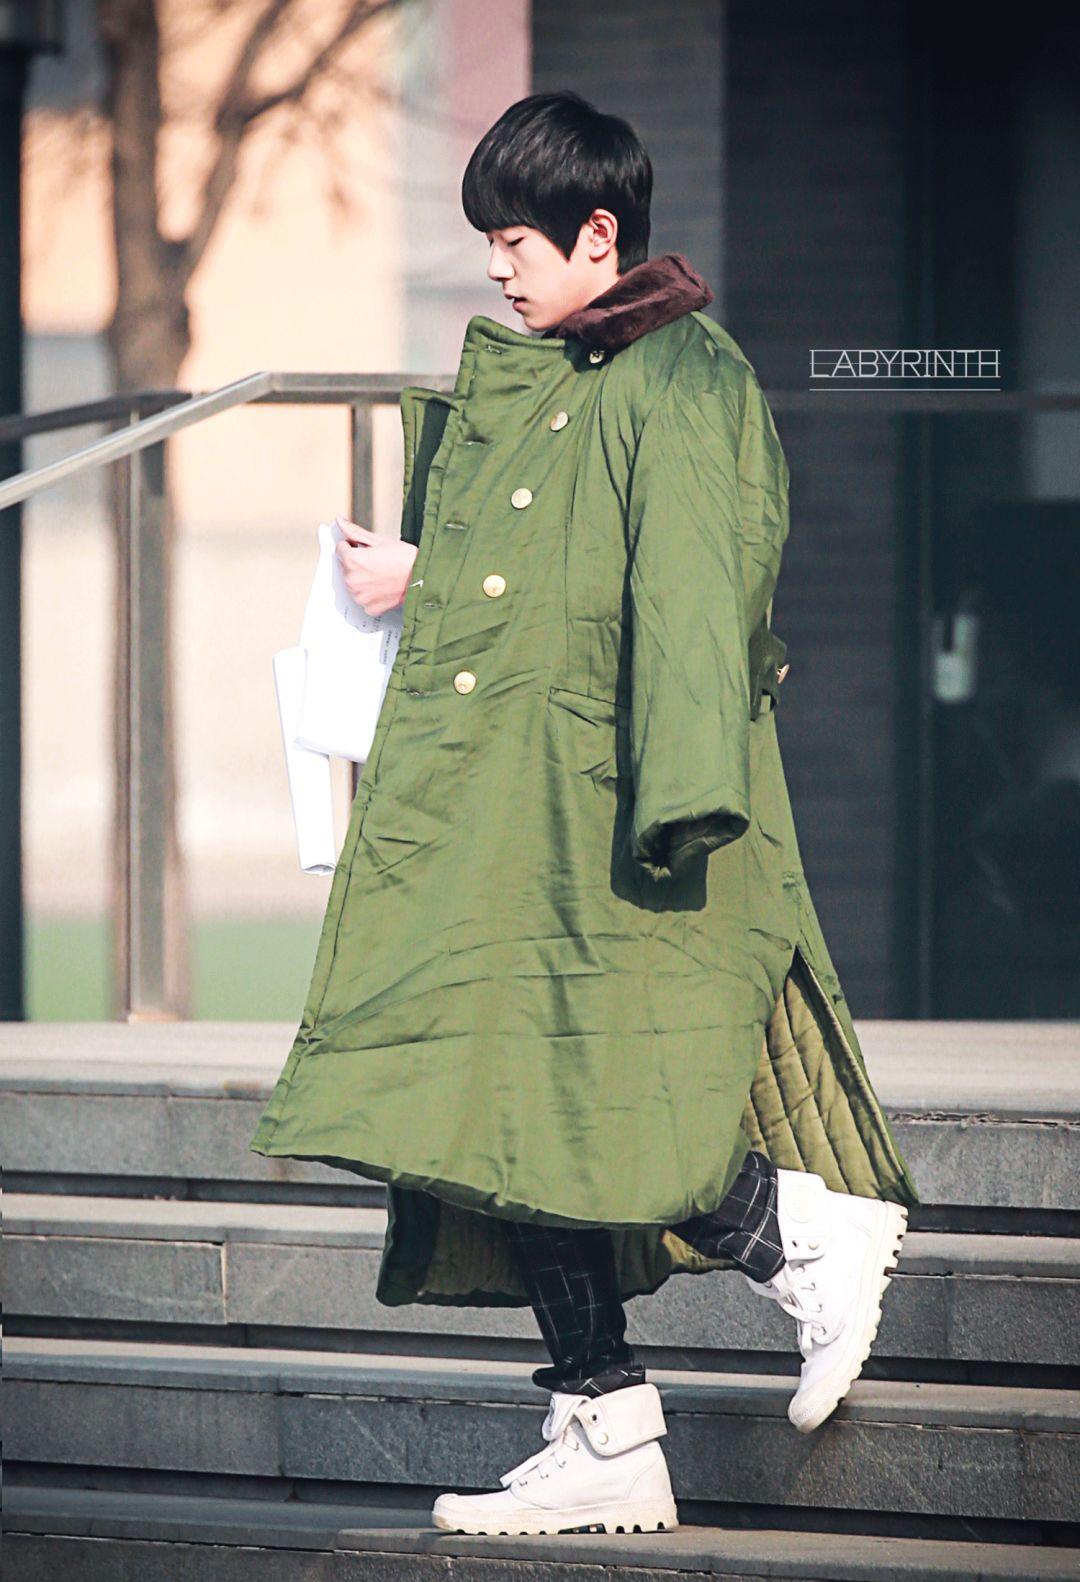 凭什么|何穗、刘德华、易烊千玺可以把军大衣穿得这么时髦?